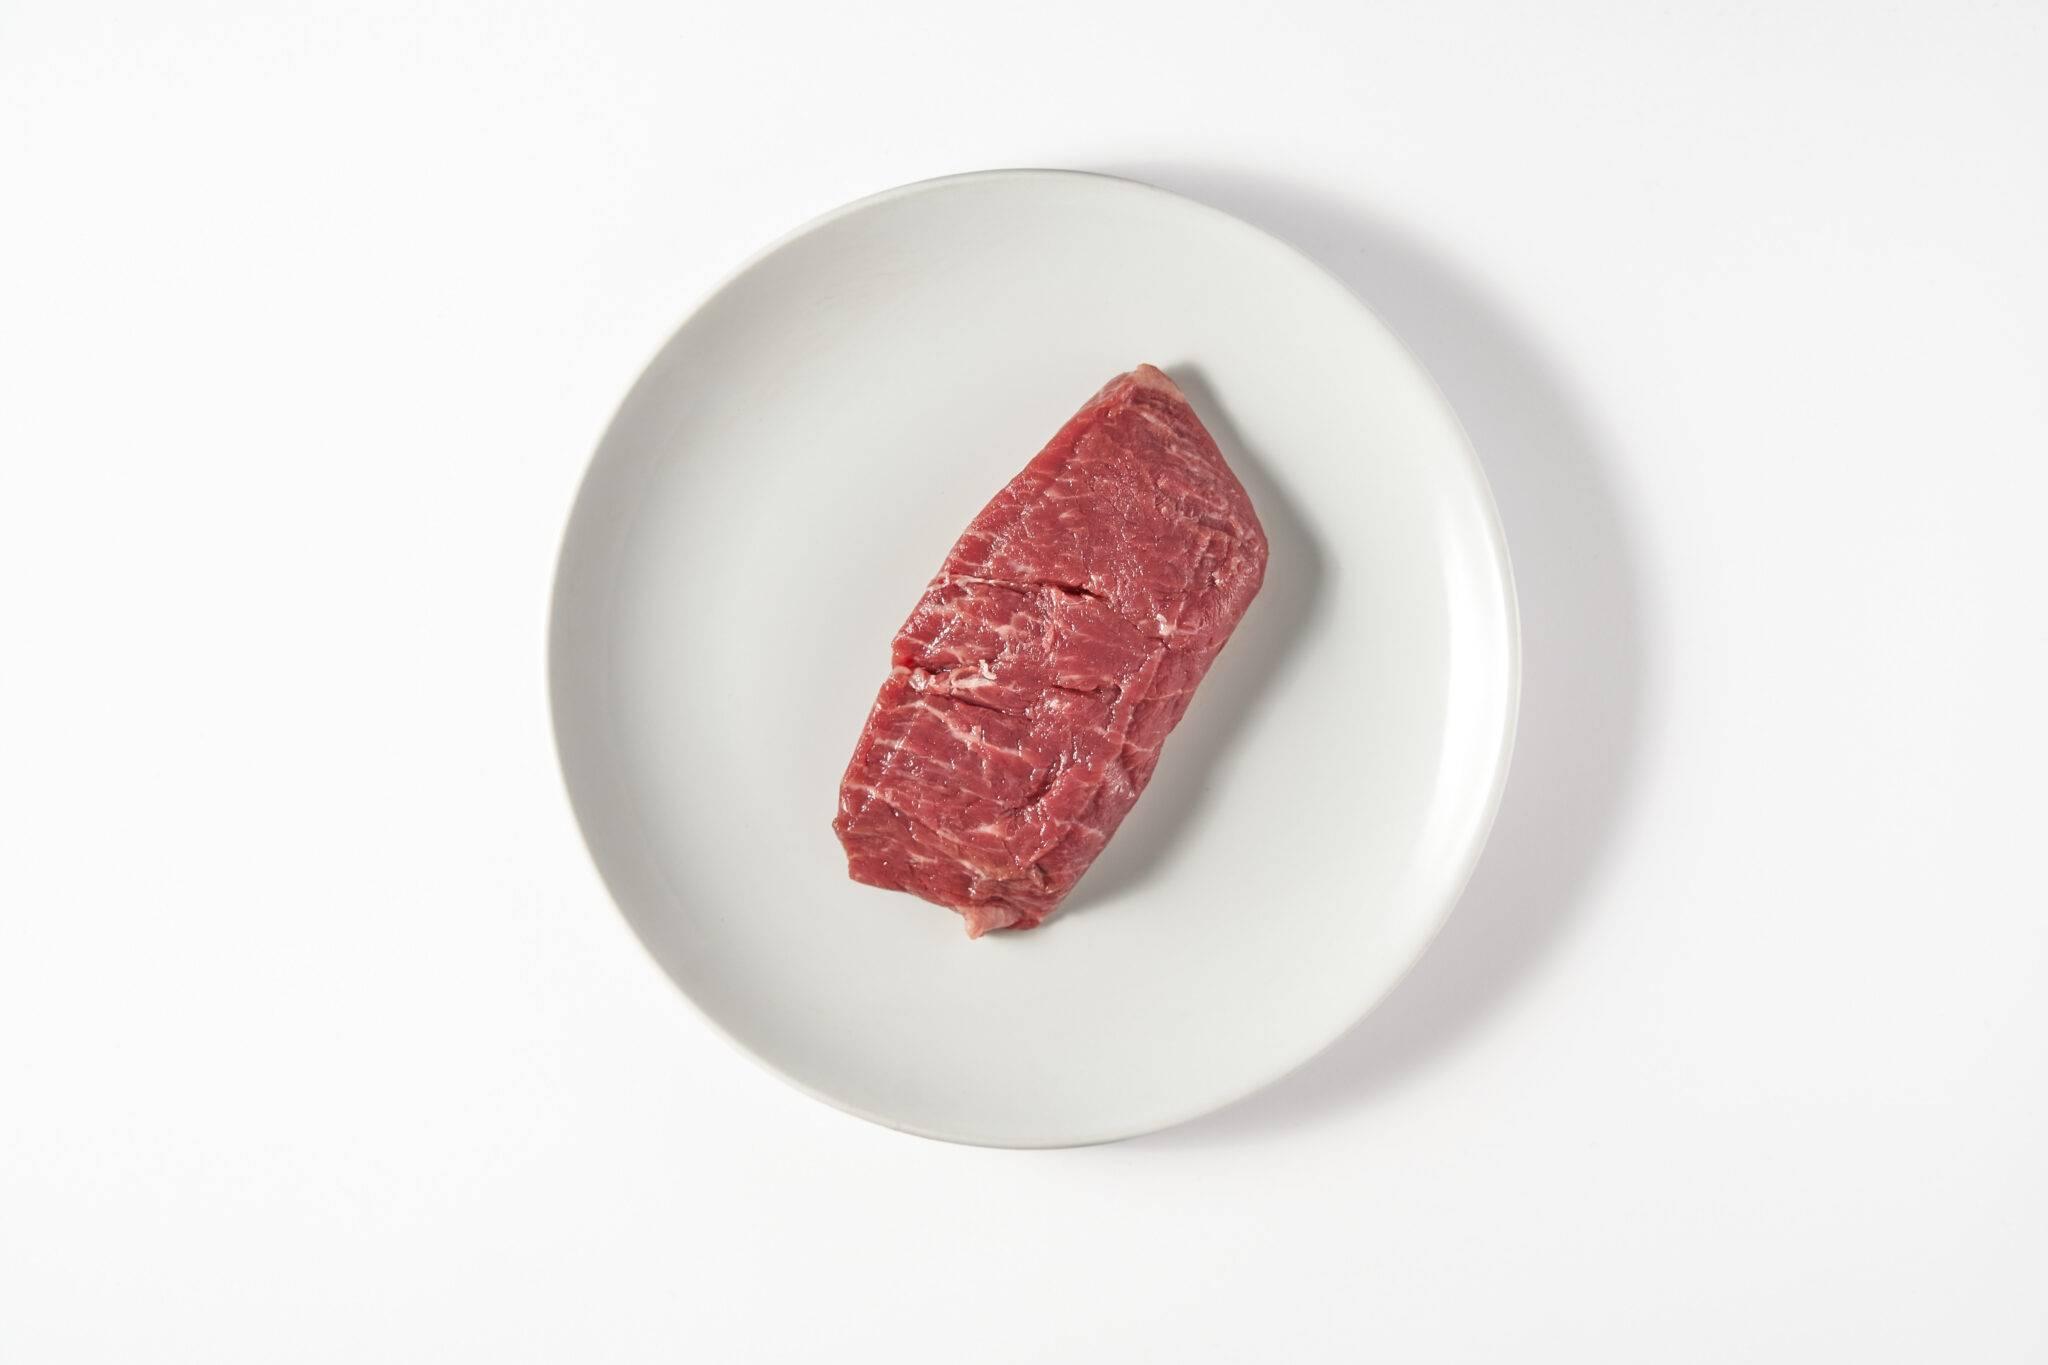 Vleesch & Co Flat iron steak